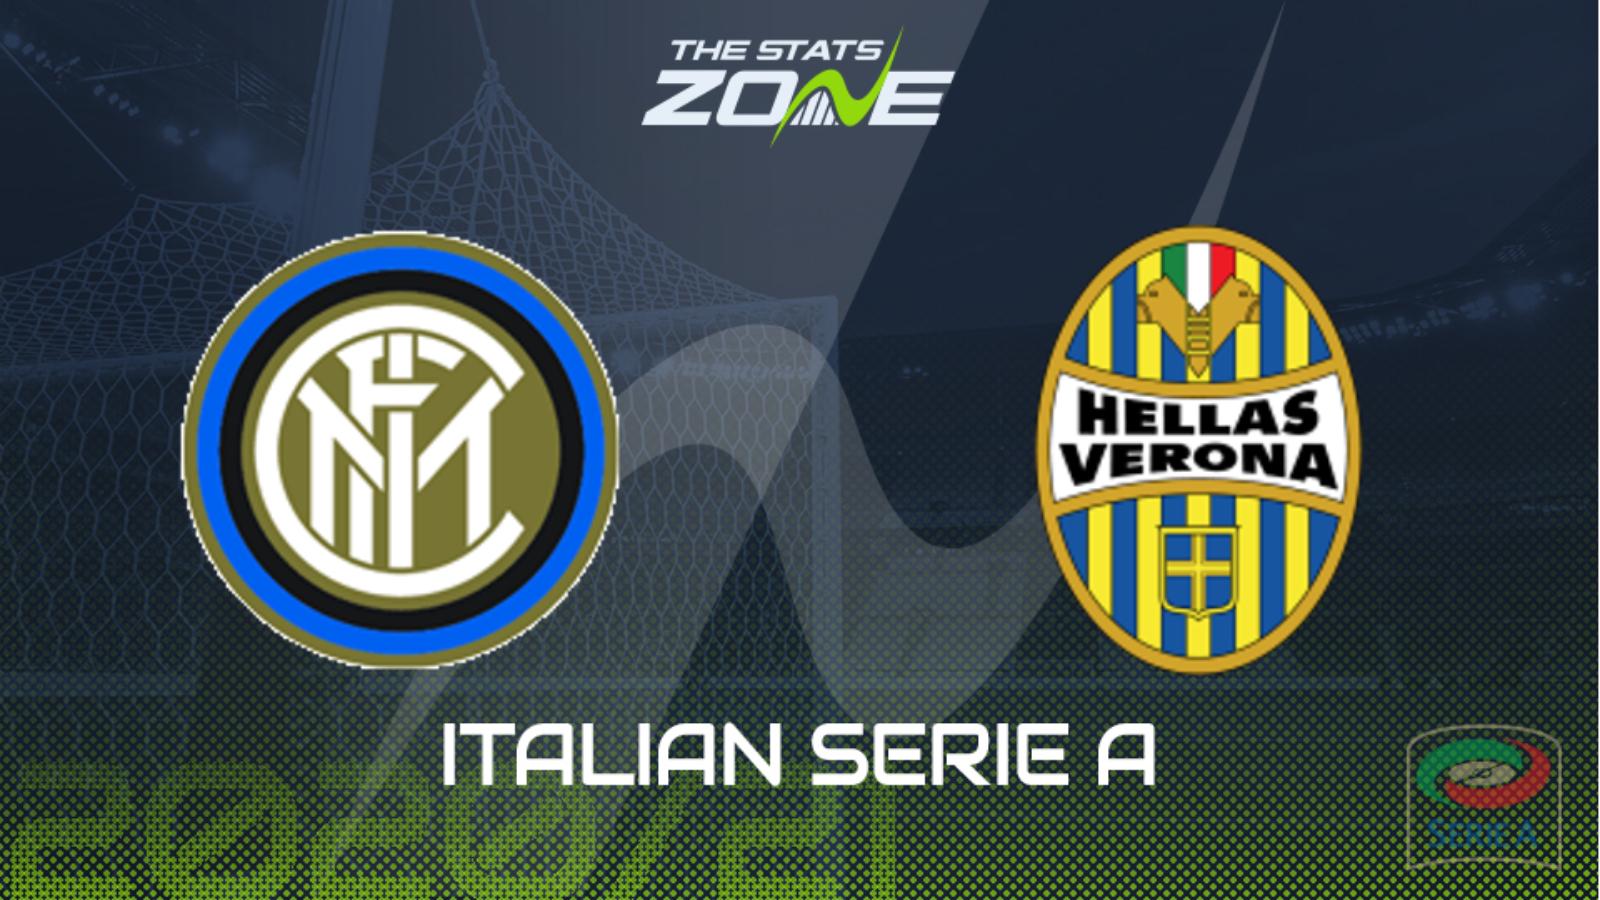 Inter Milan vs Hellas Verona Full Match – Serie A 2020/21